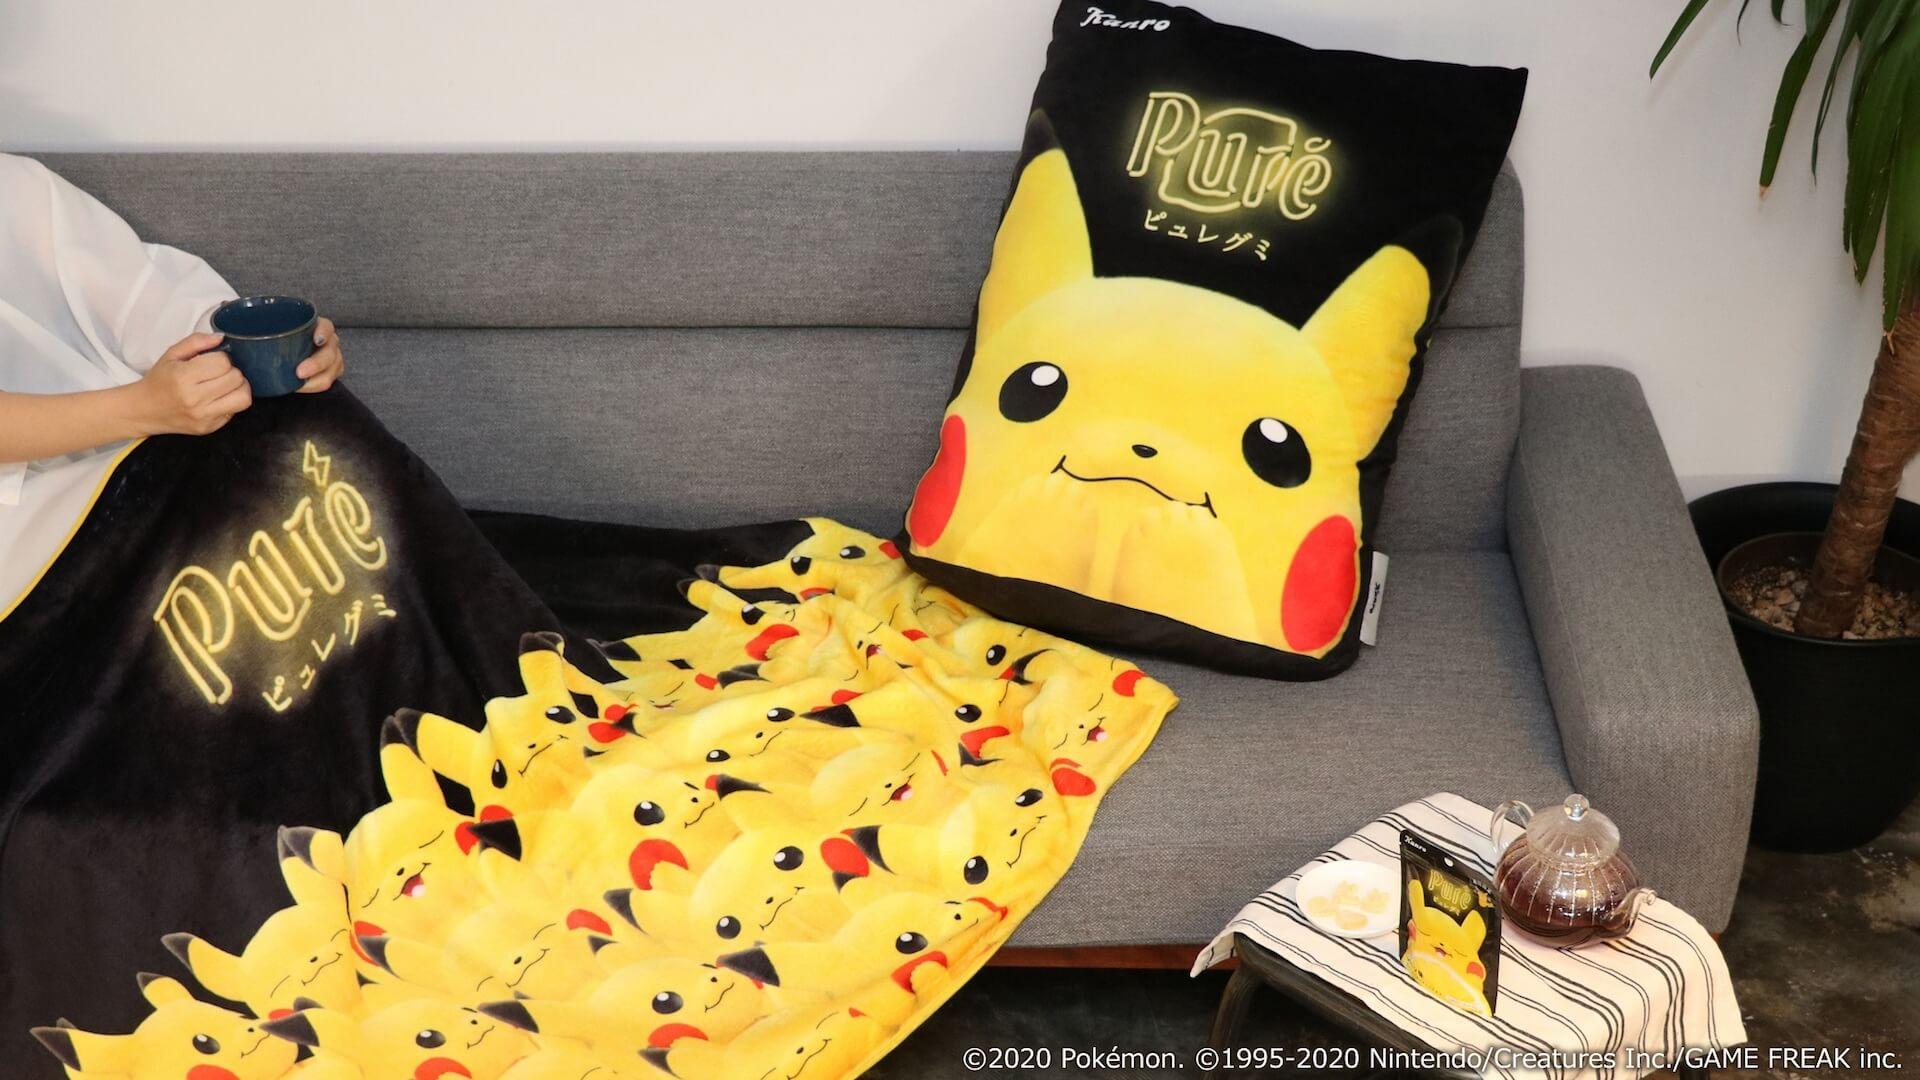 「ピュレグミレモン」ピカチュウデザインのビッグブランケットが当たるTwitterキャンペーン実施決定! gourmet201120_puregumi_pokemon_3